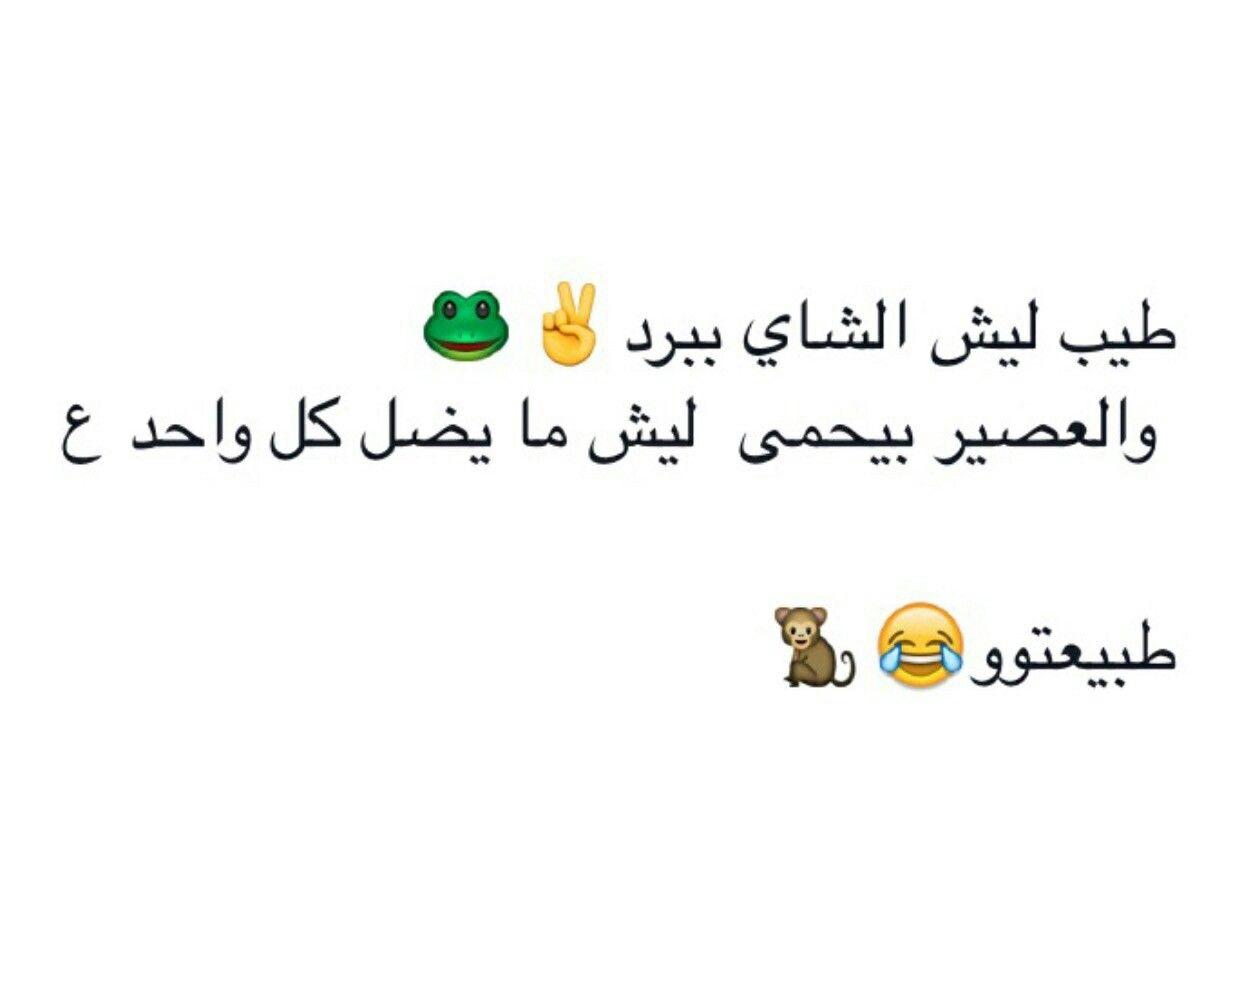 ليش Funny Arabic Quotes Quotes Jokes